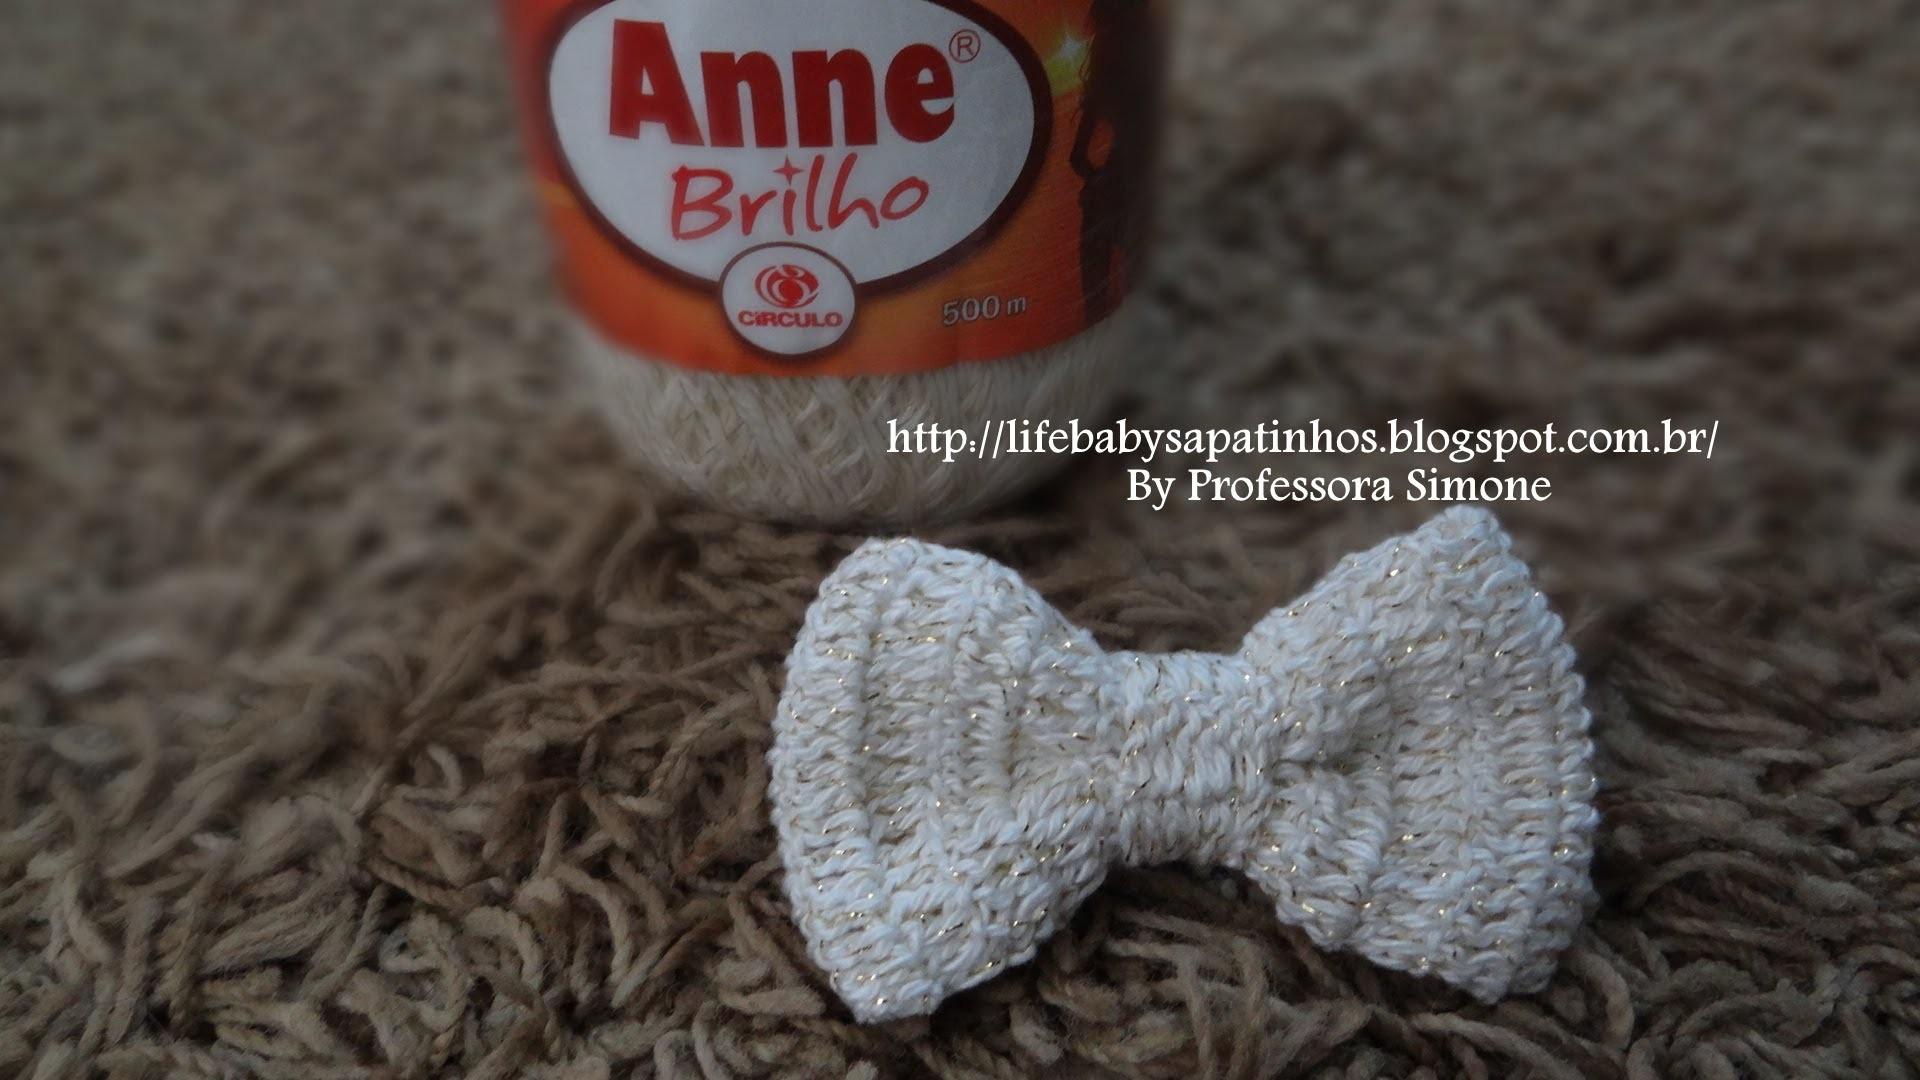 Laço de crochê Anne Brilho